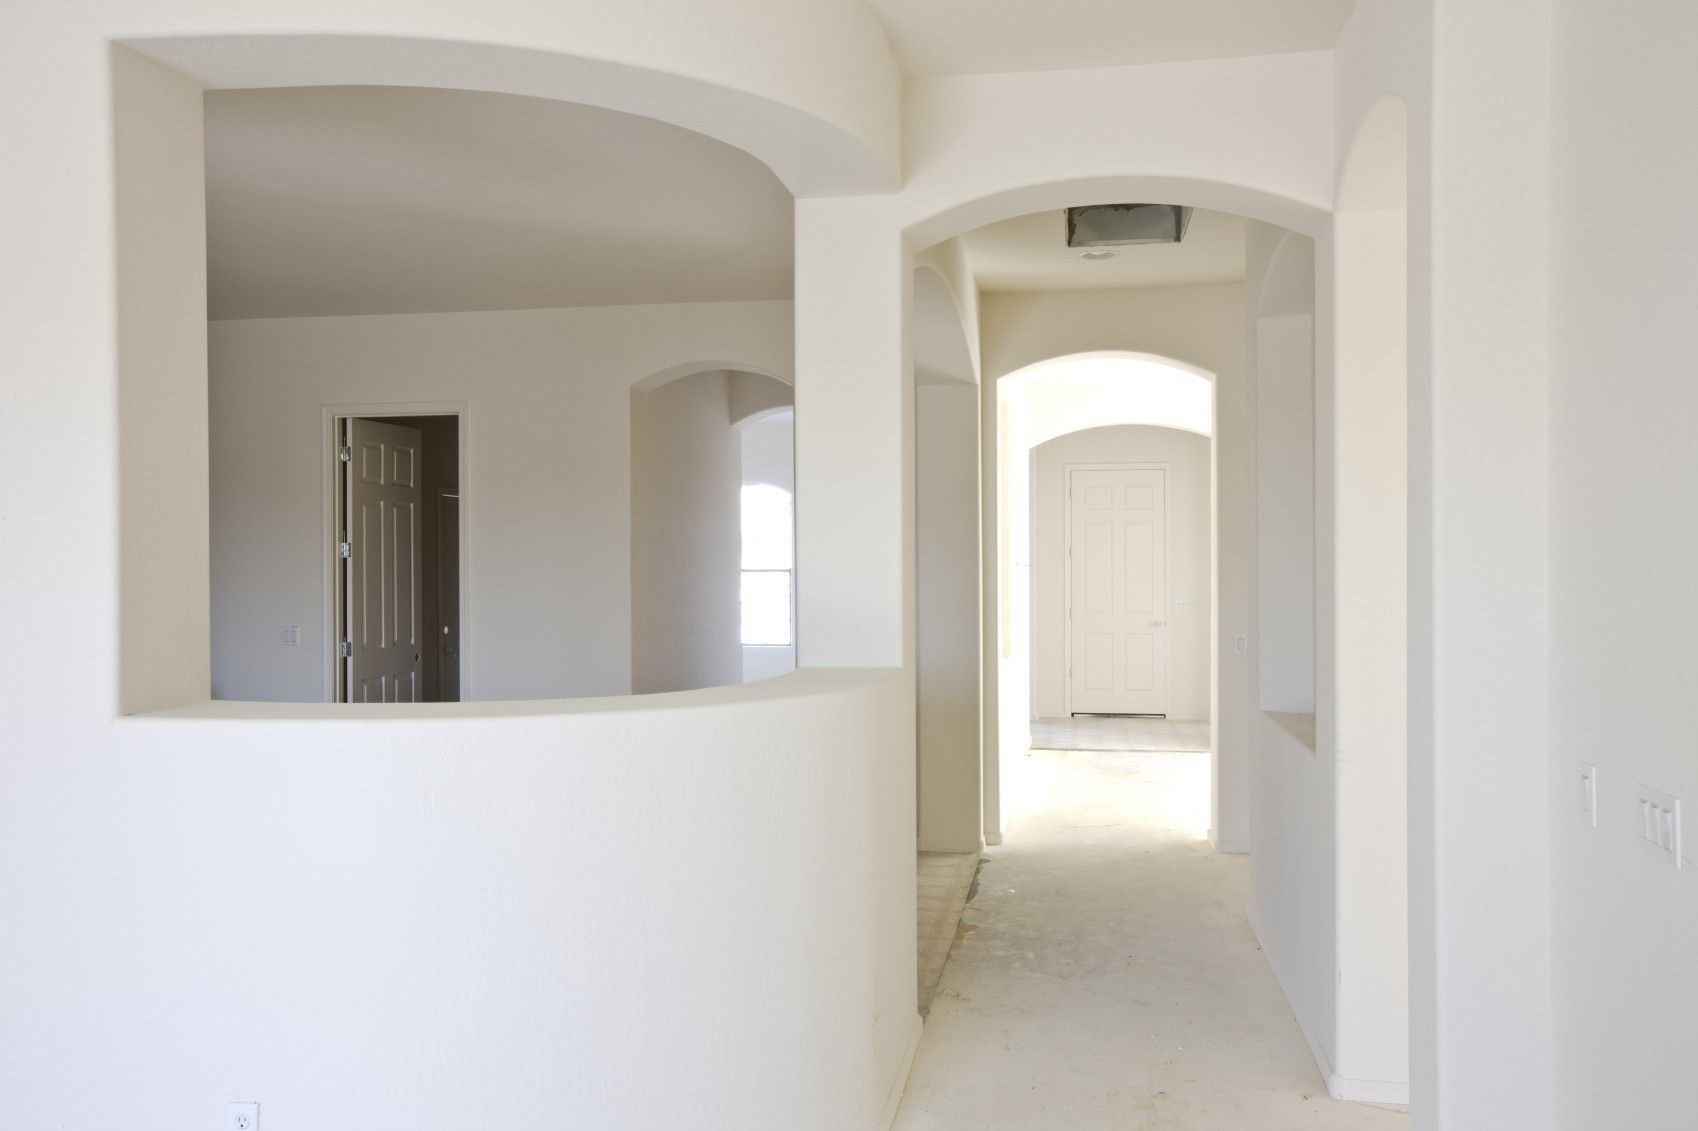 Divisórias Drywall Comprar no Jardim Flávio - Divisórias Drywall